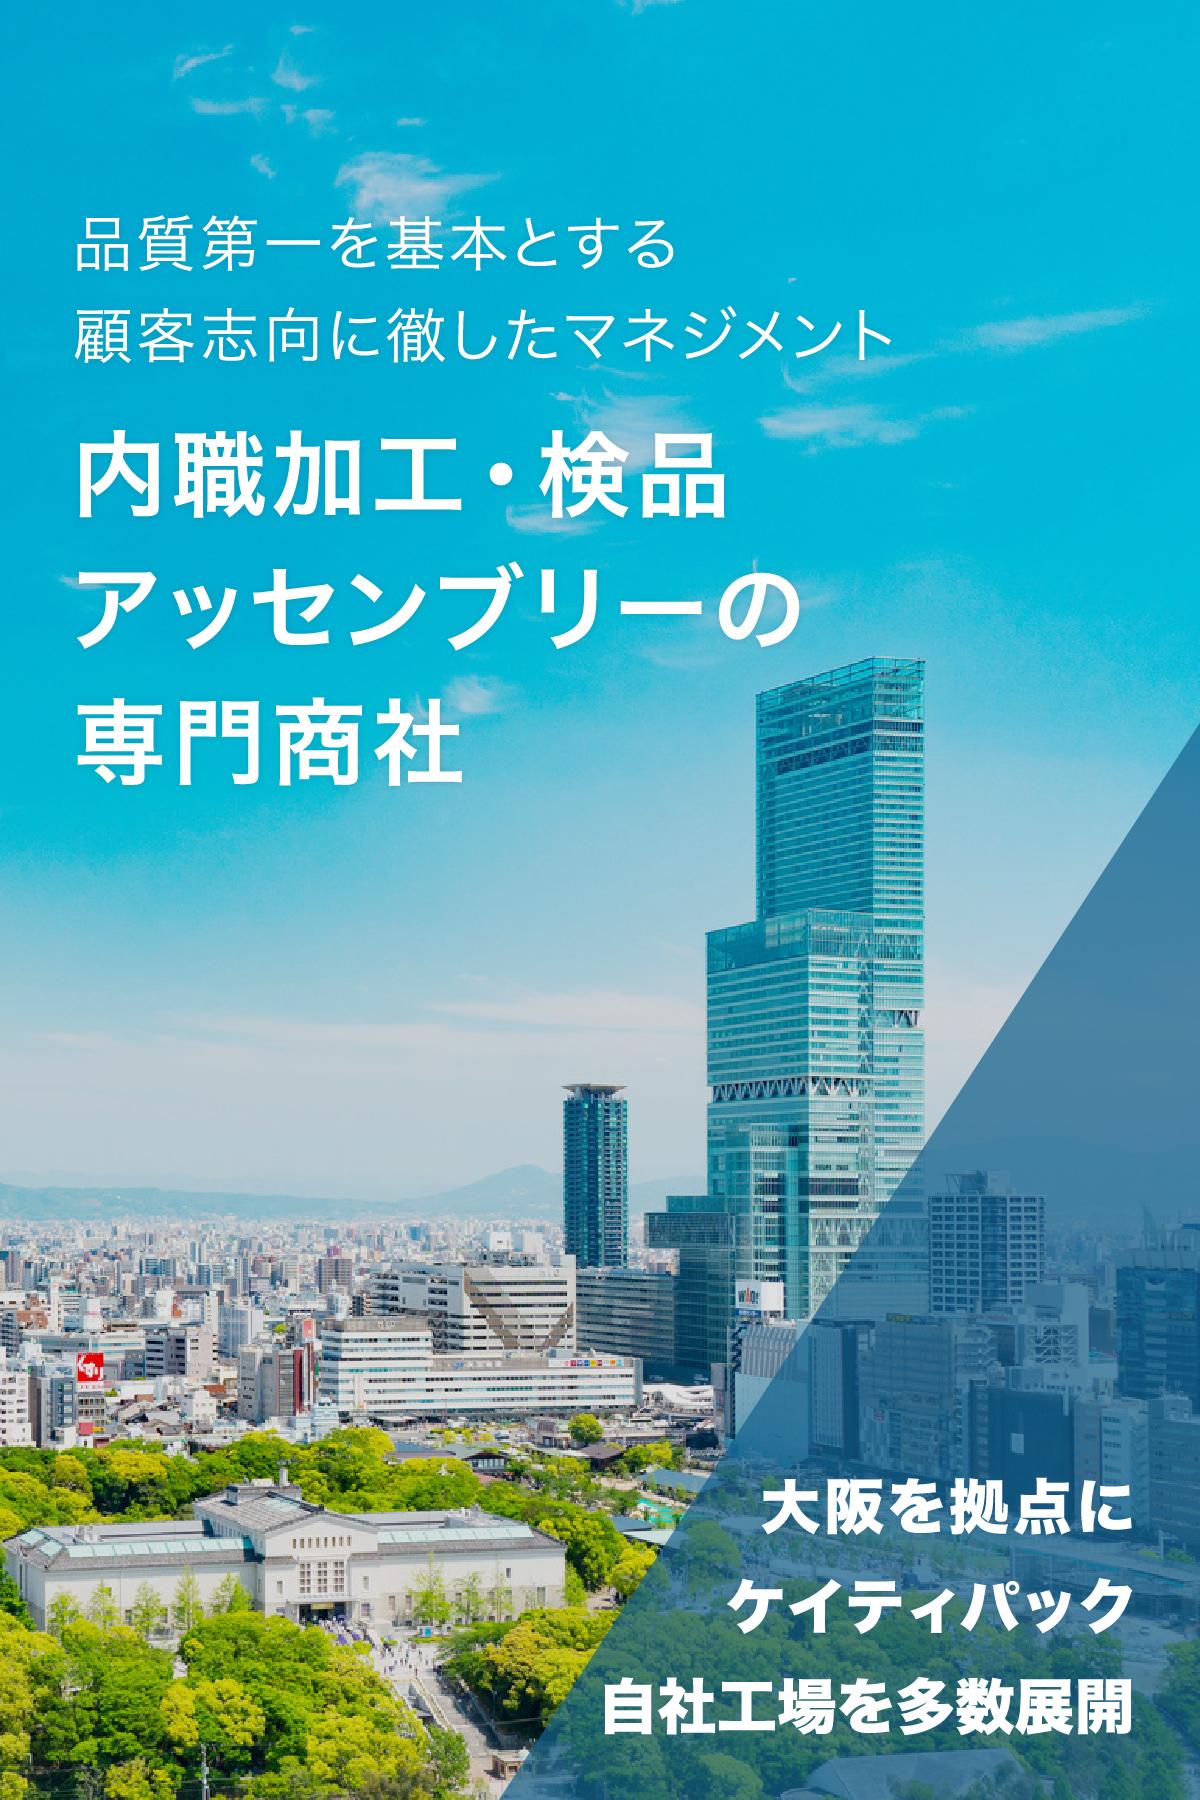 内職加工・検品・アッセンブリーの専門商社/スマホ版